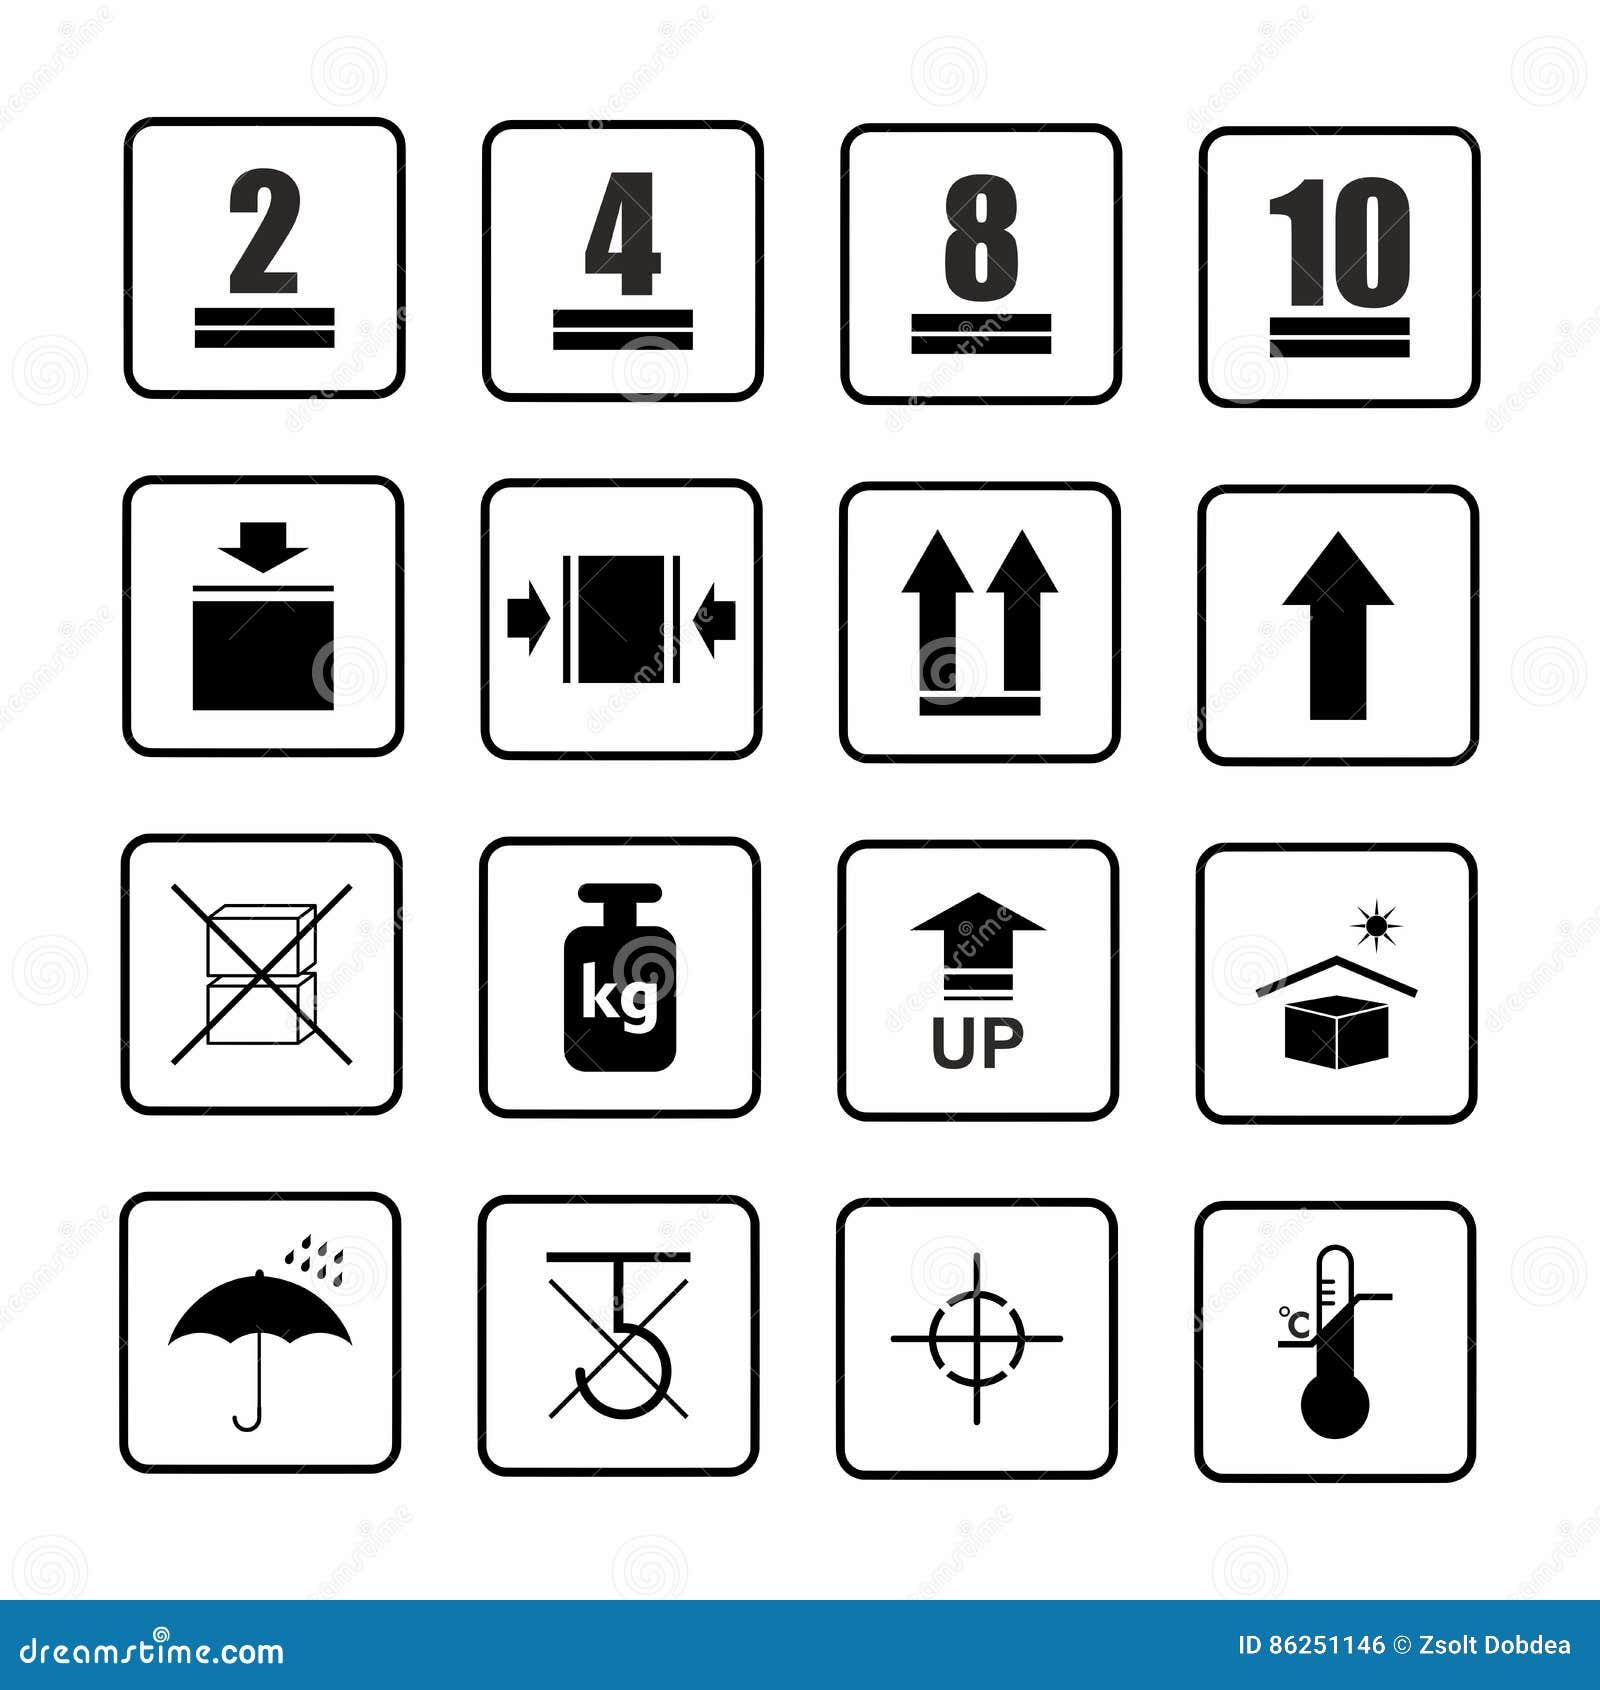 Packaging symbols set 2 of 2 .